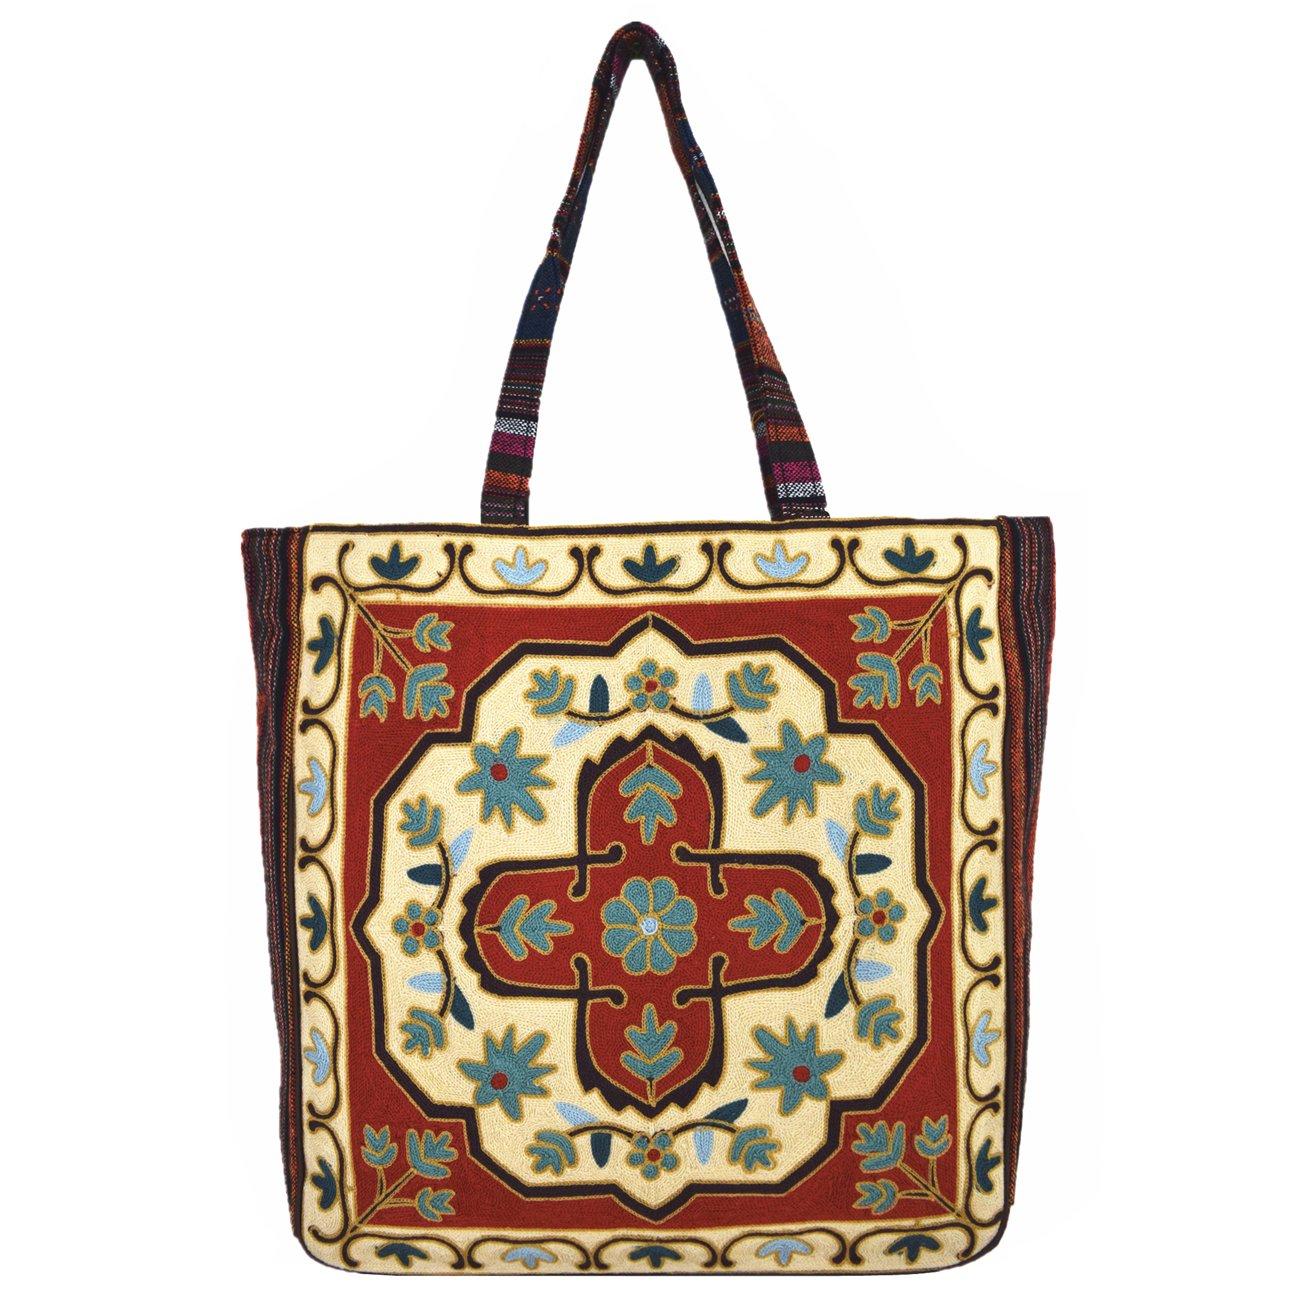 Vintage Bohemian Summer Embroidered Large Tote Bag Tapestry Shoulder Bag Women Handbag (Beige∨ange)